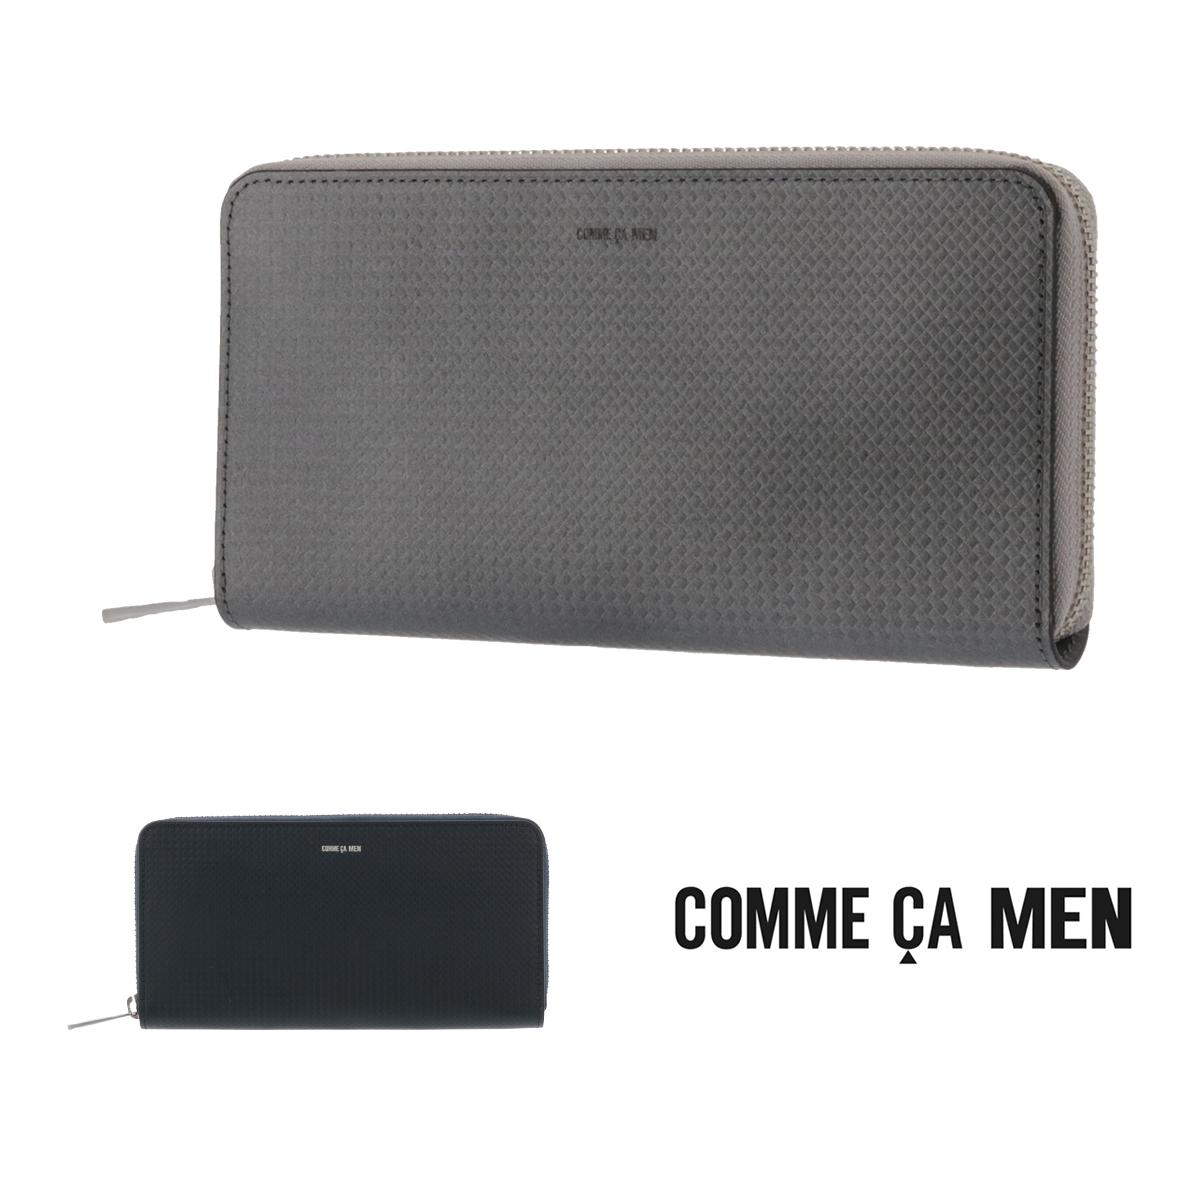 コムサメン 長財布 ラウンドファスナー メンズ ブロック 6843 | COMME CA MEN 牛革 本革 レザー[PO5][bef]